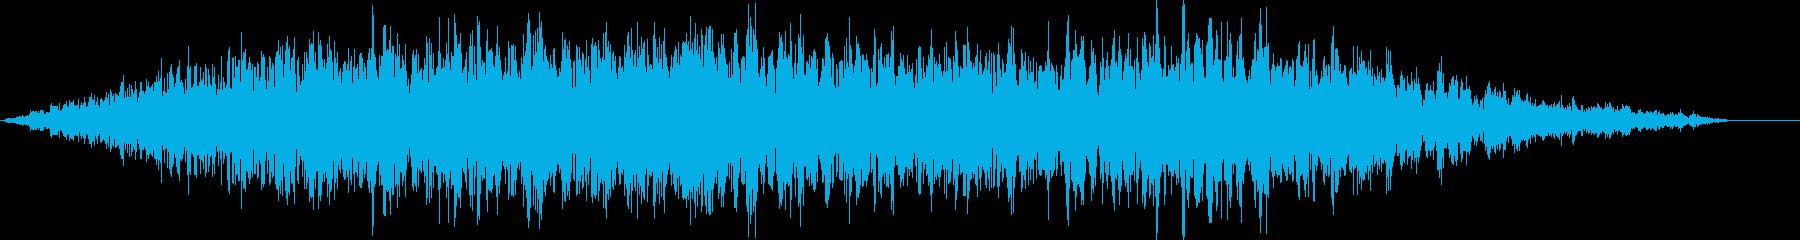 フオォ.. (洞穴の音)の再生済みの波形